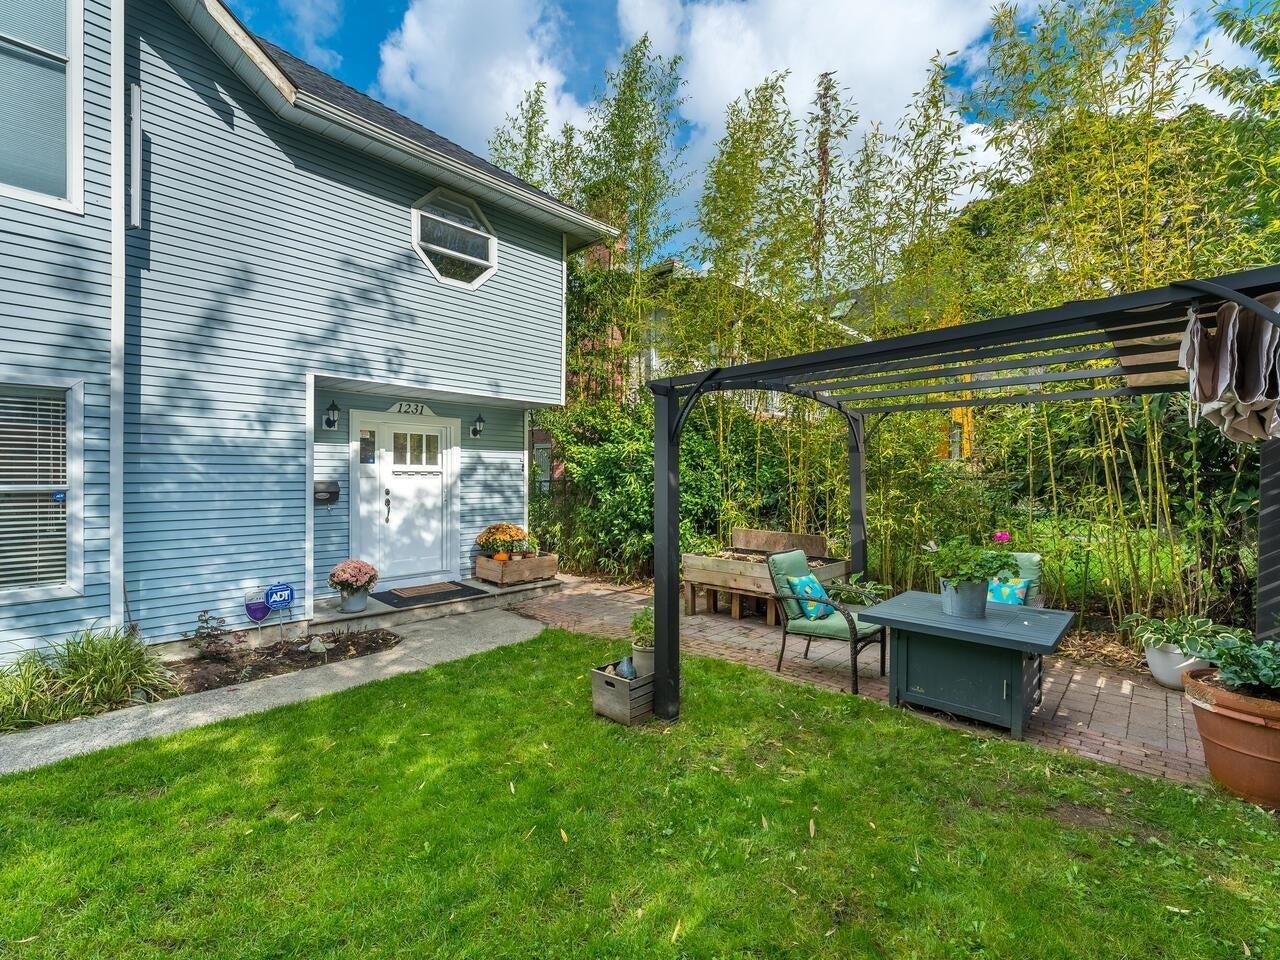 1231 E 11TH AVENUE - Mount Pleasant VE 1/2 Duplex for sale, 3 Bedrooms (R2625828) - #33